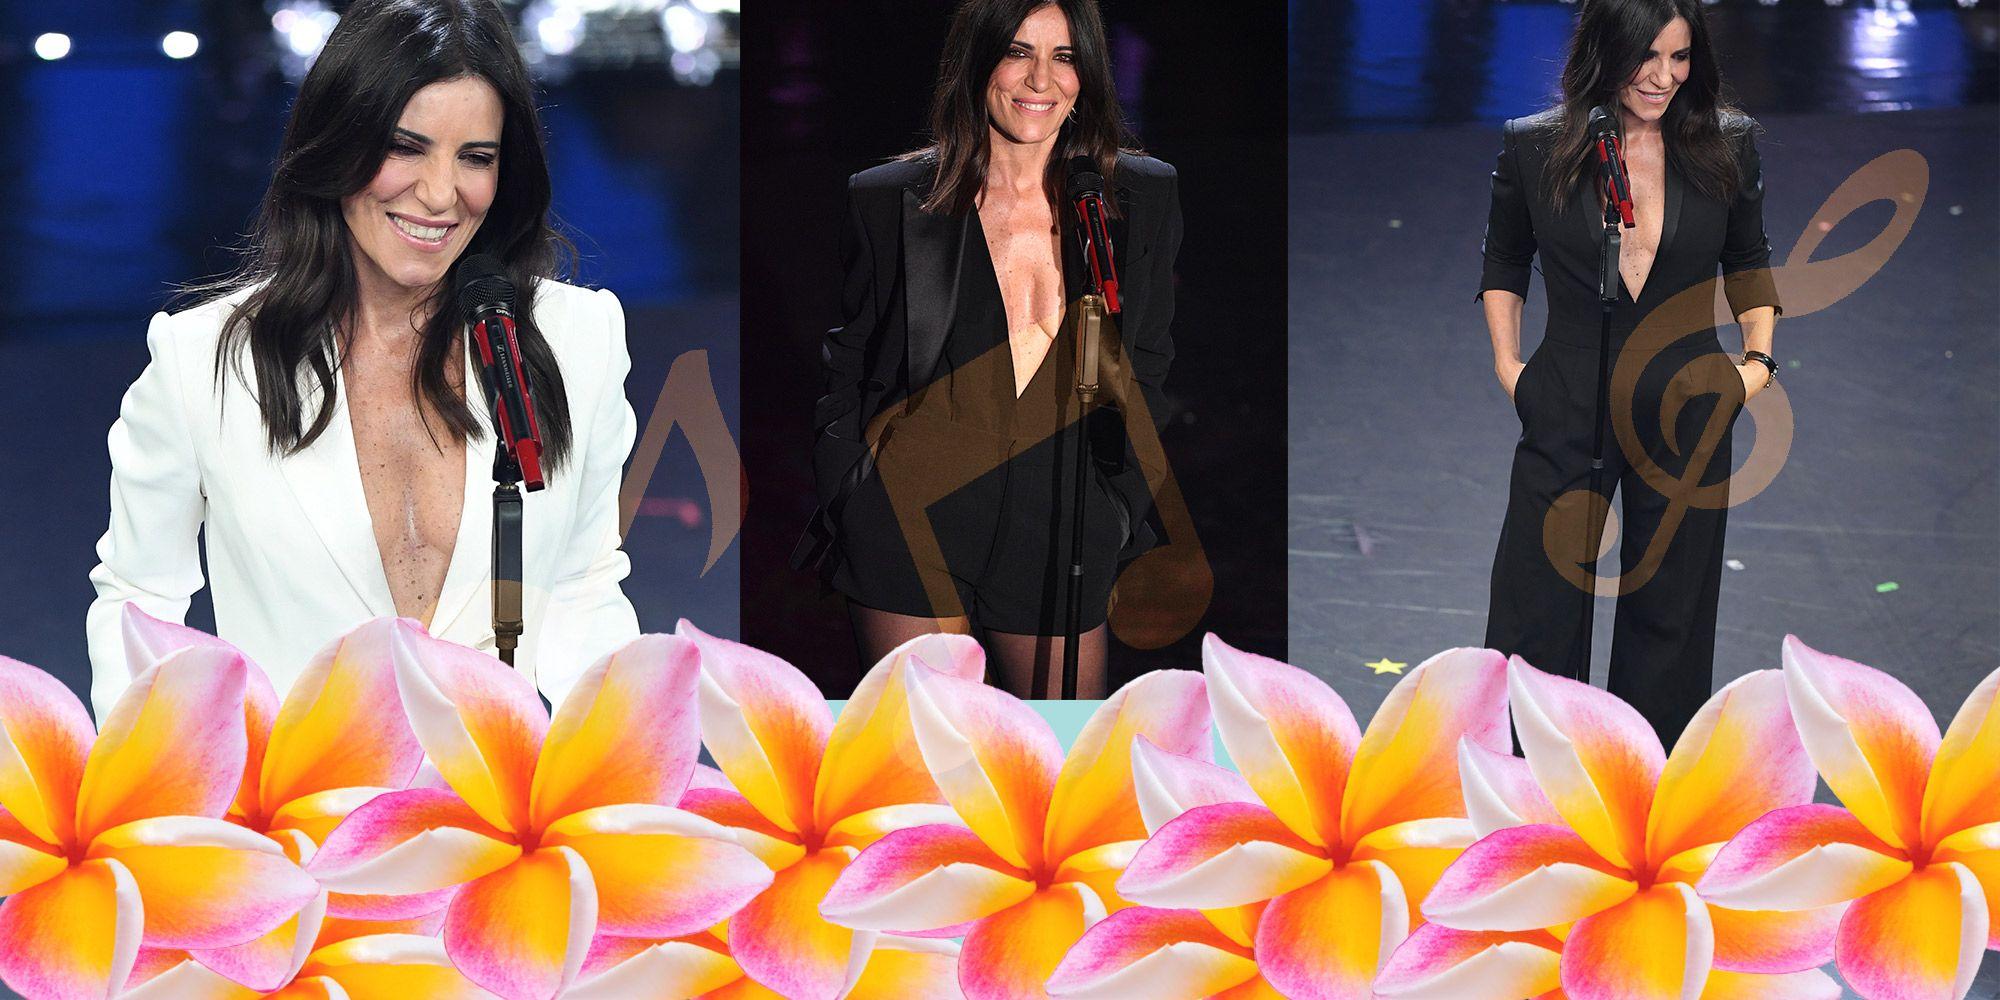 5643da0726e7 Paola Turci con i vestiti a Sanremo 2019 ha portato lo style rock